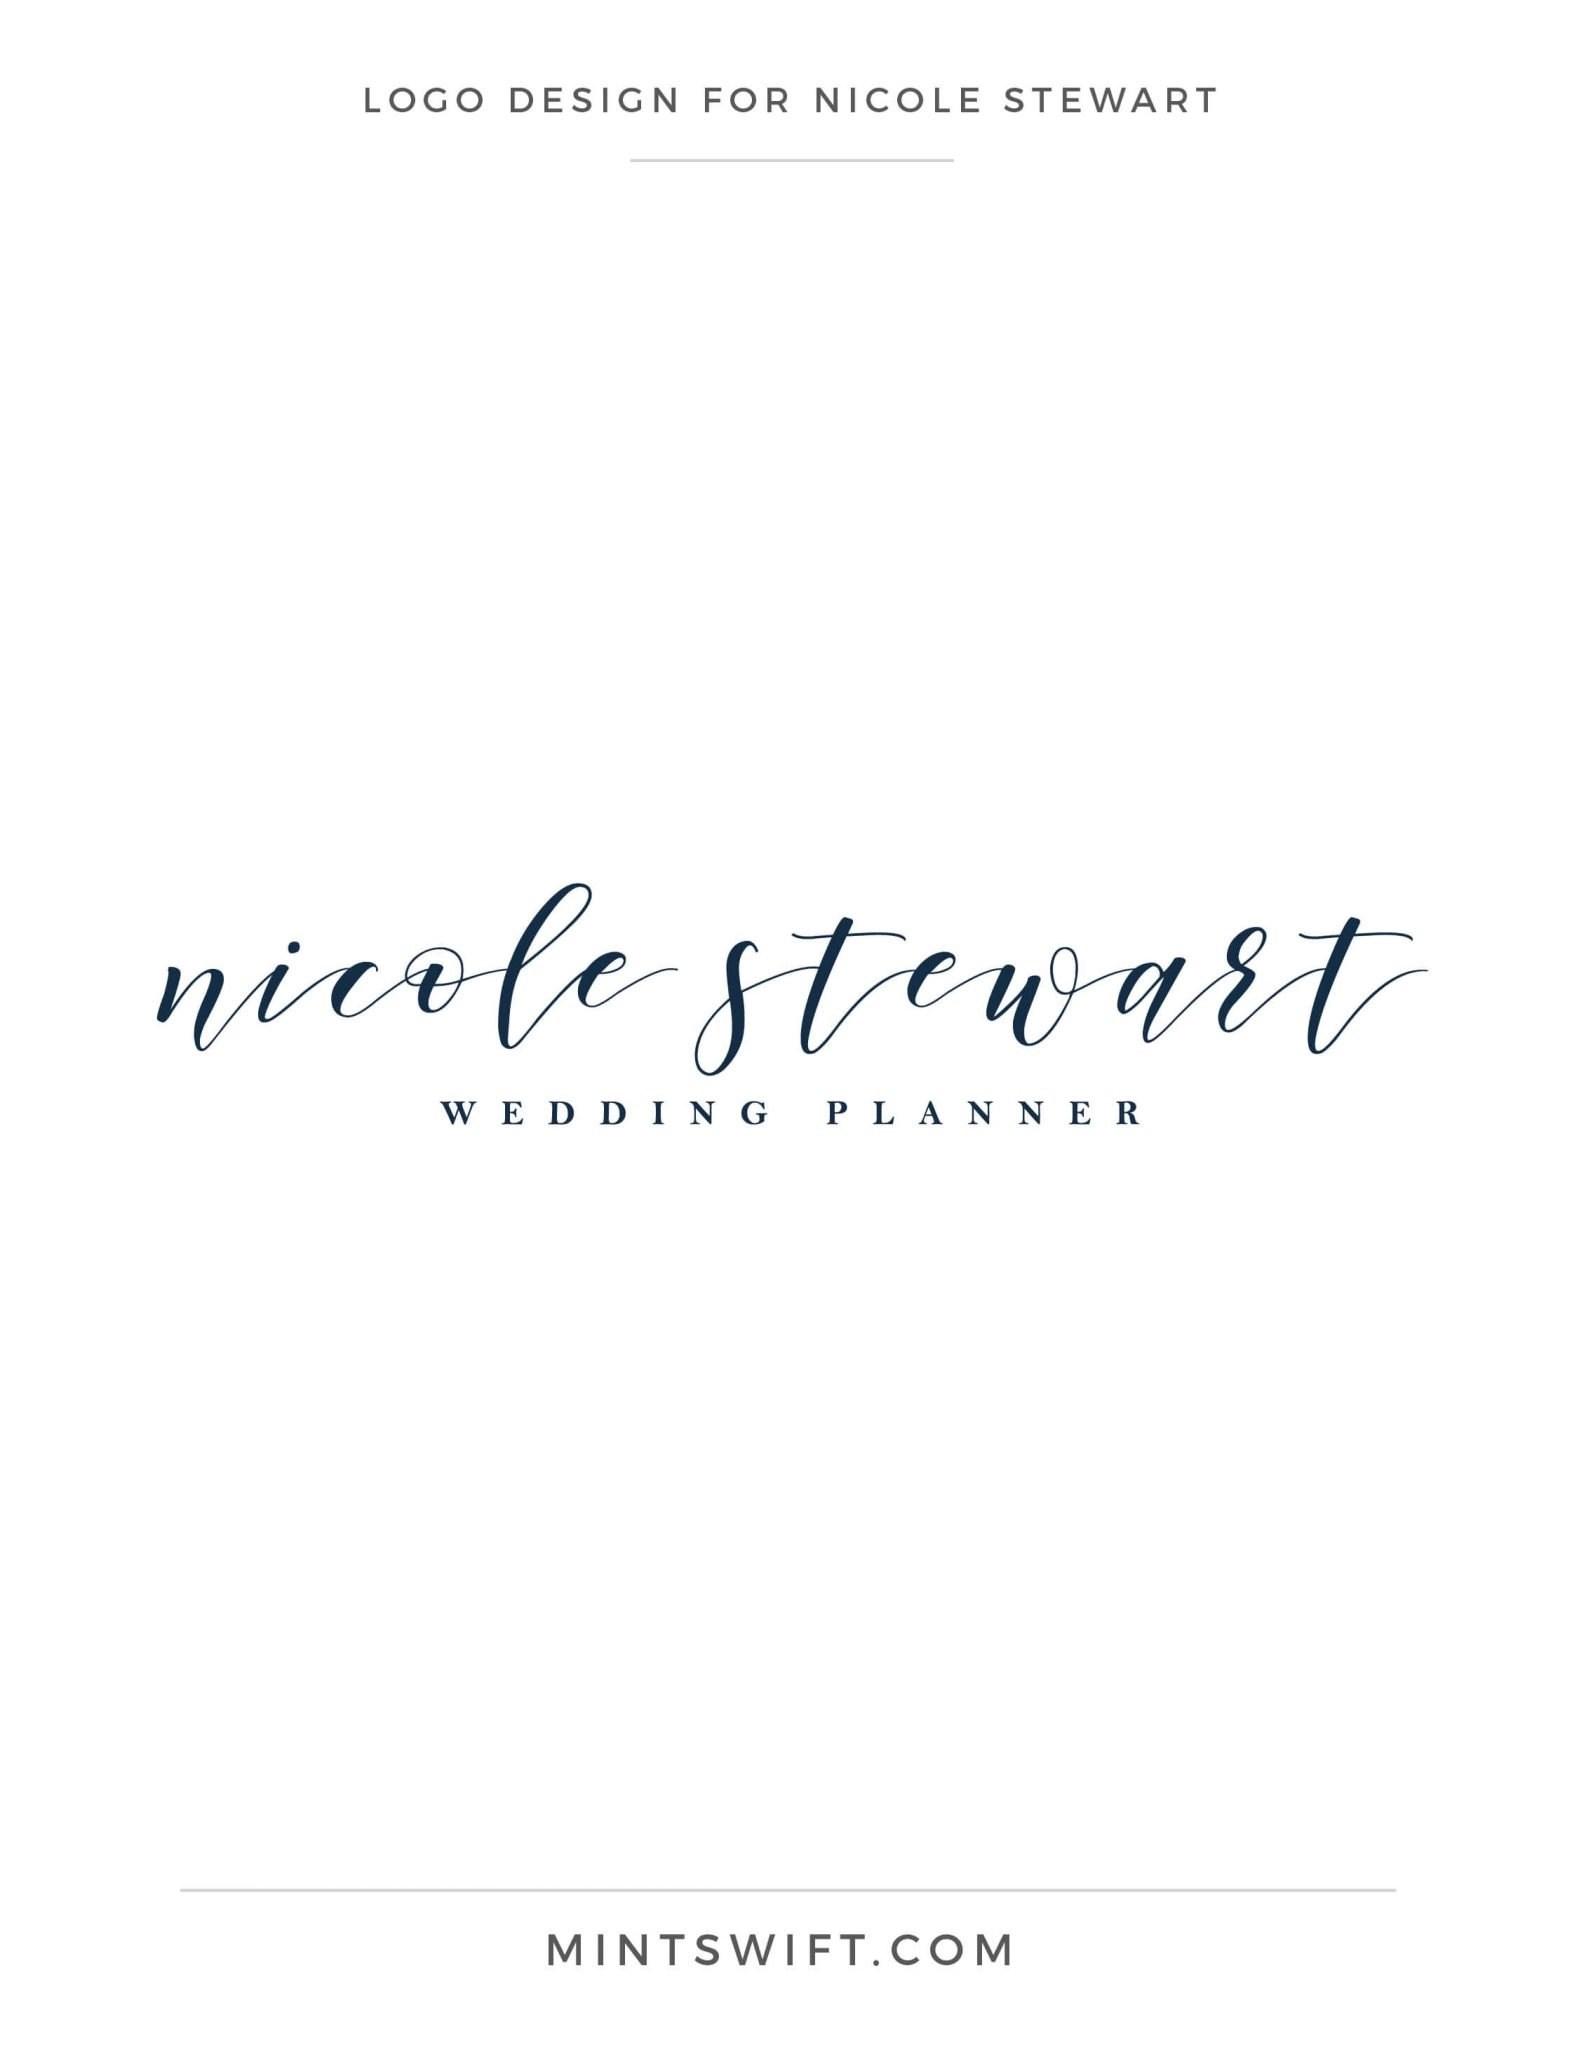 Nicole Stewart - Logo Design - Brand Design Package - MintSwift